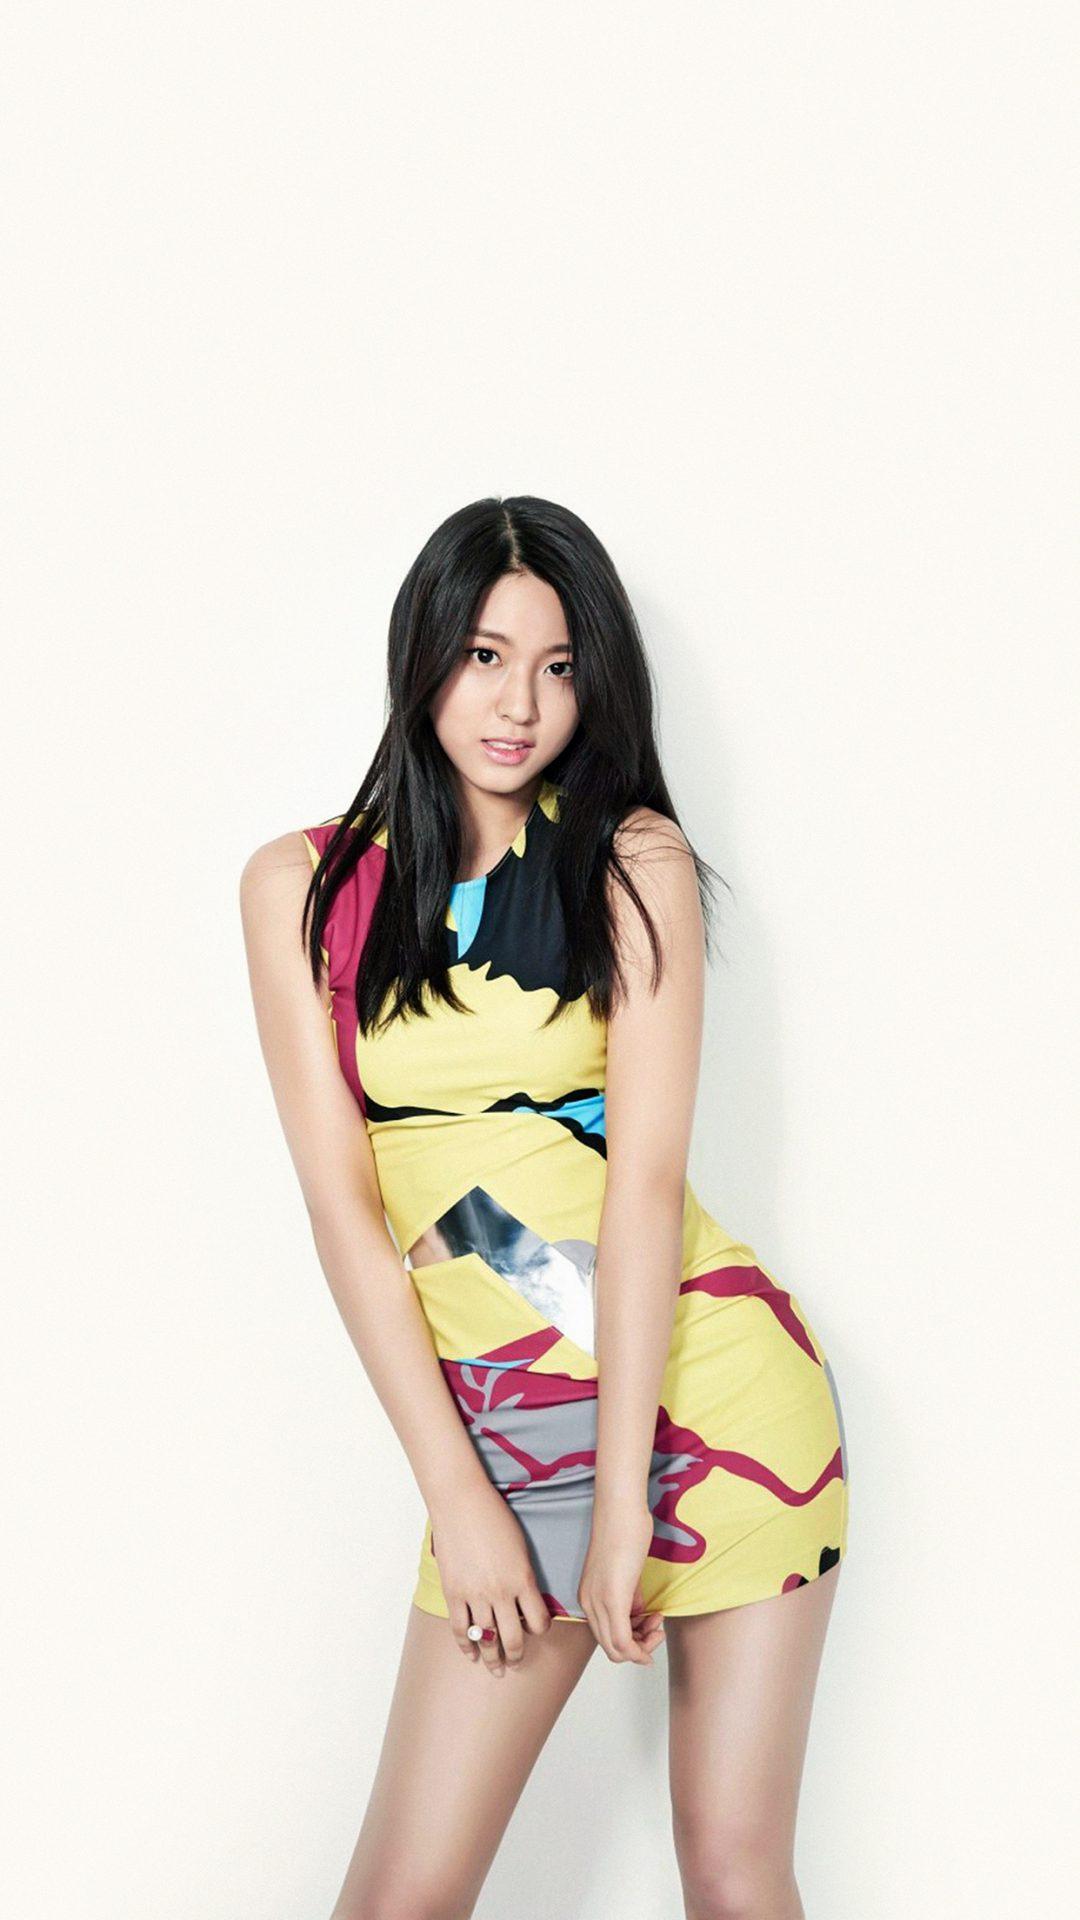 Seolhyun Aoa Kpop Love Cute White